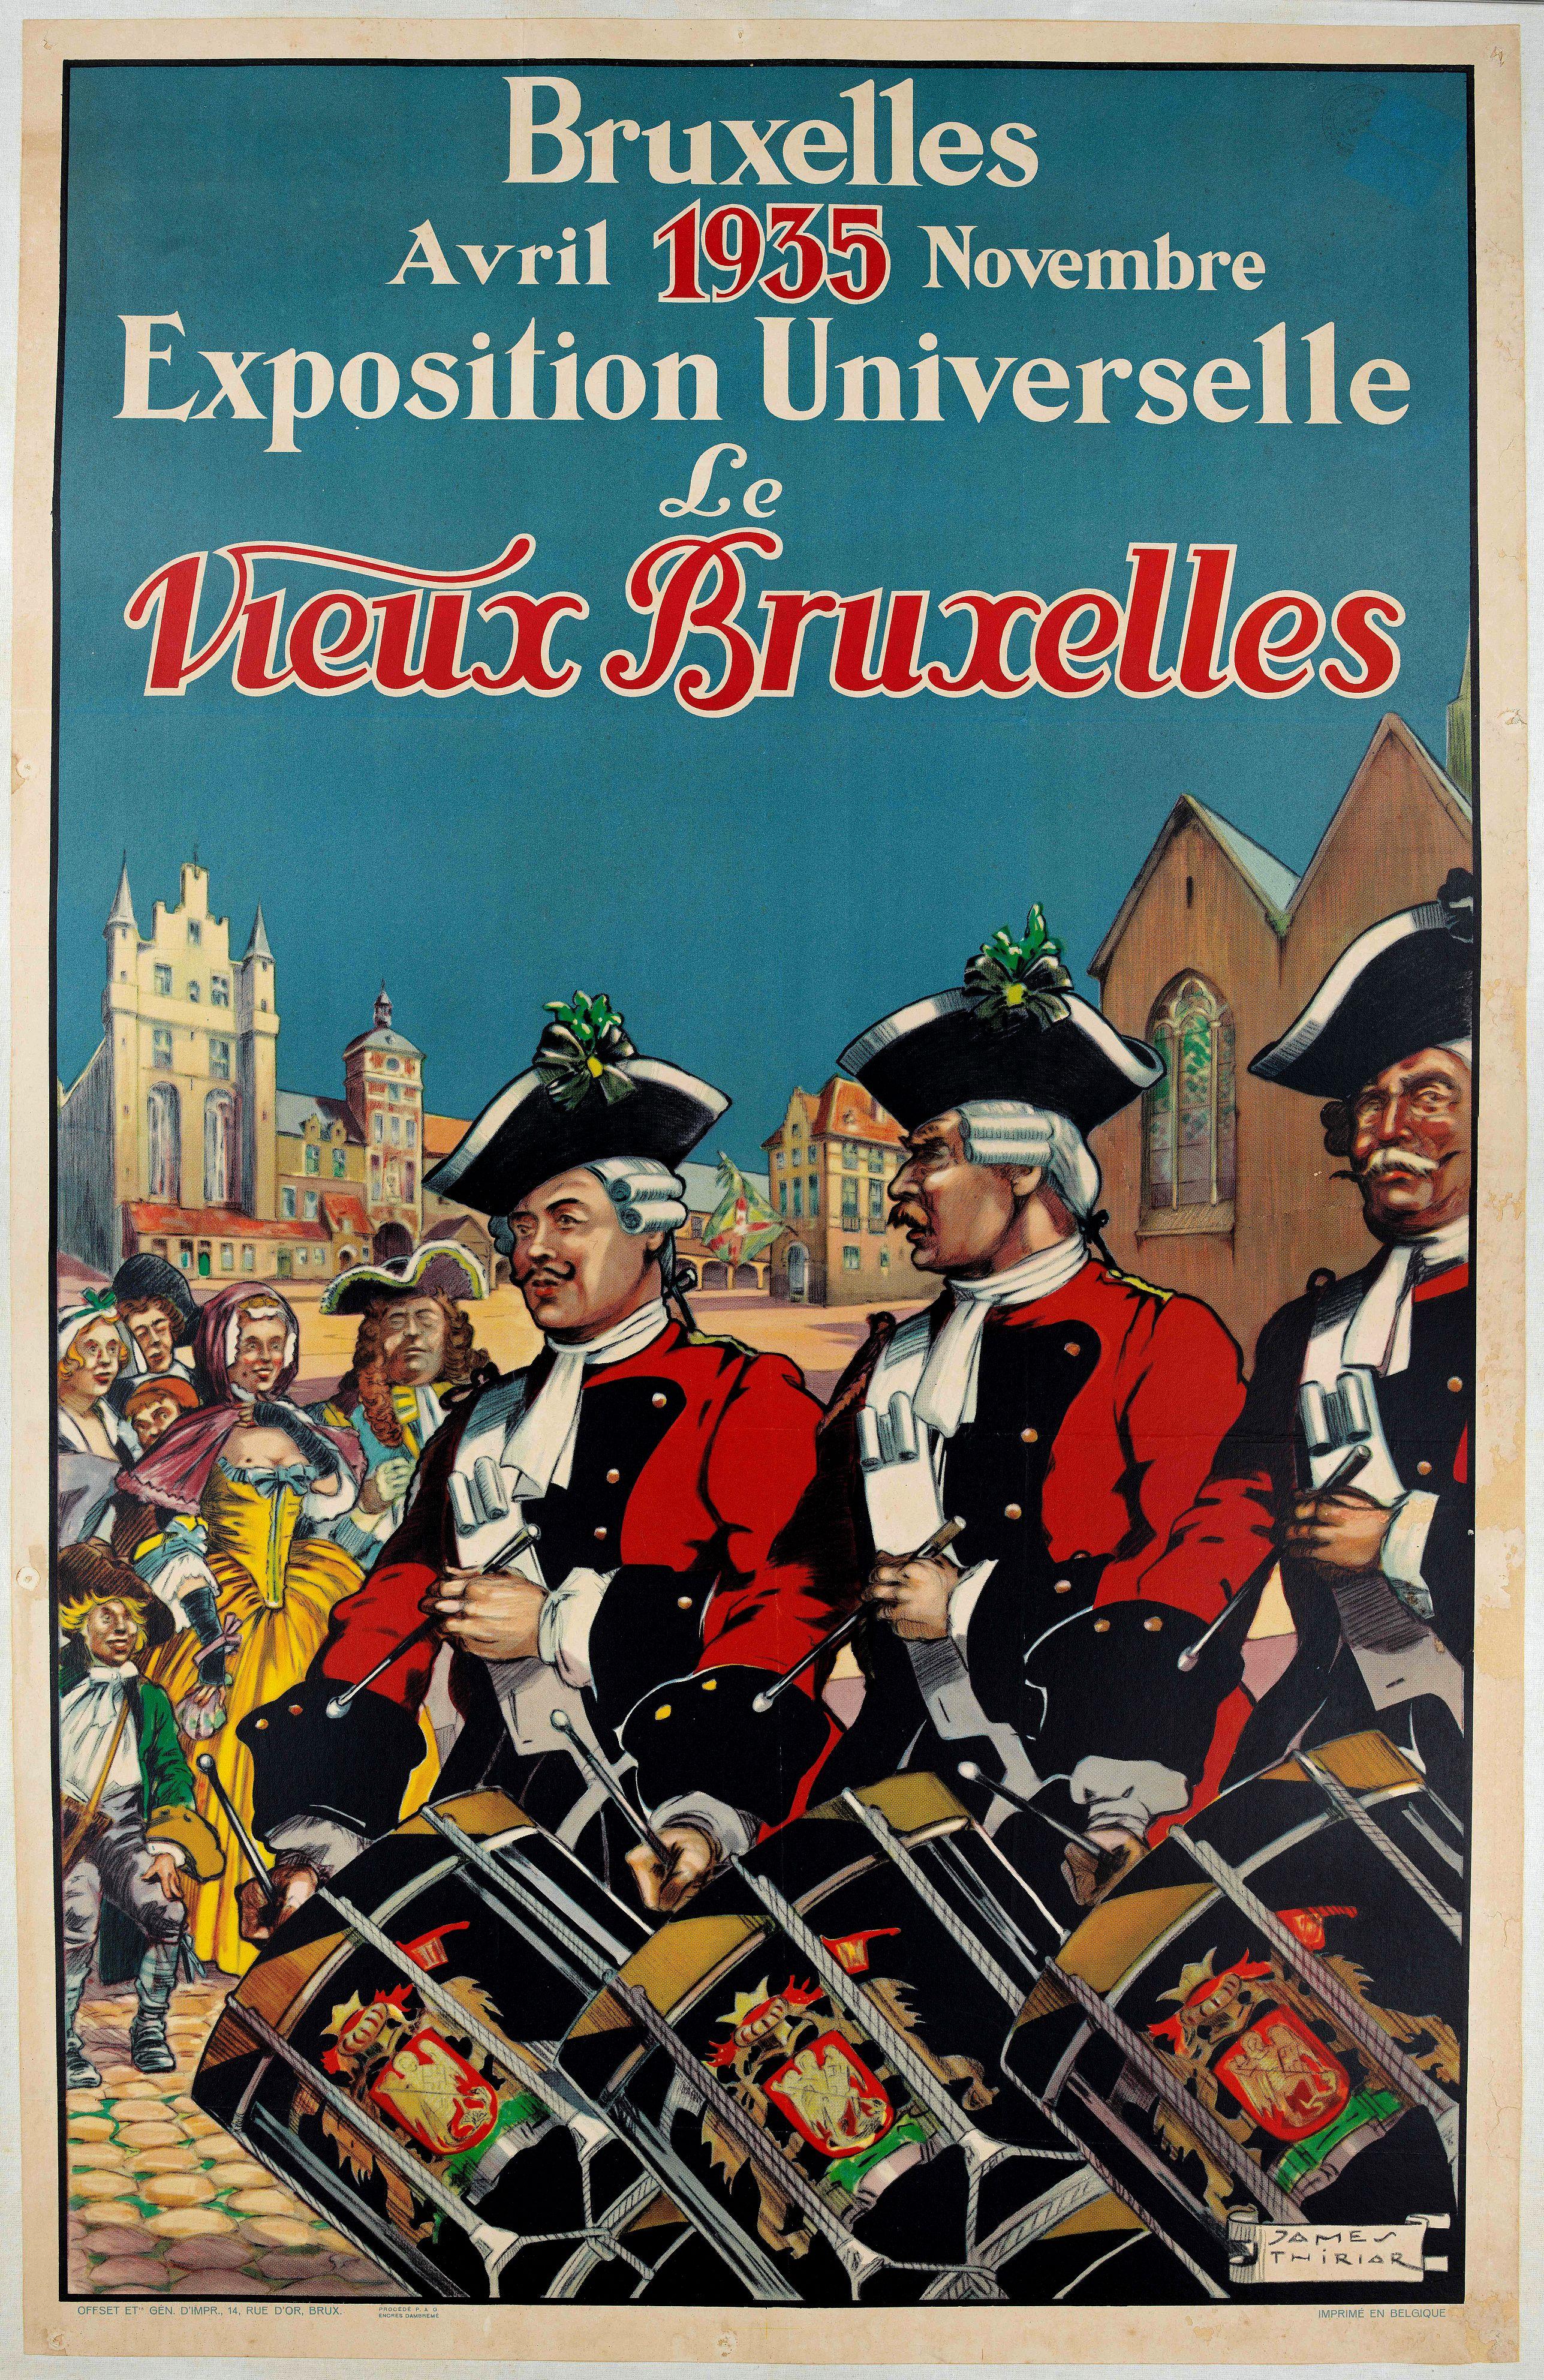 THIRIAR, J. -  Bruxelles Avril Novembre 1935  Exposition Universelle Le Vieux Bruxelles.